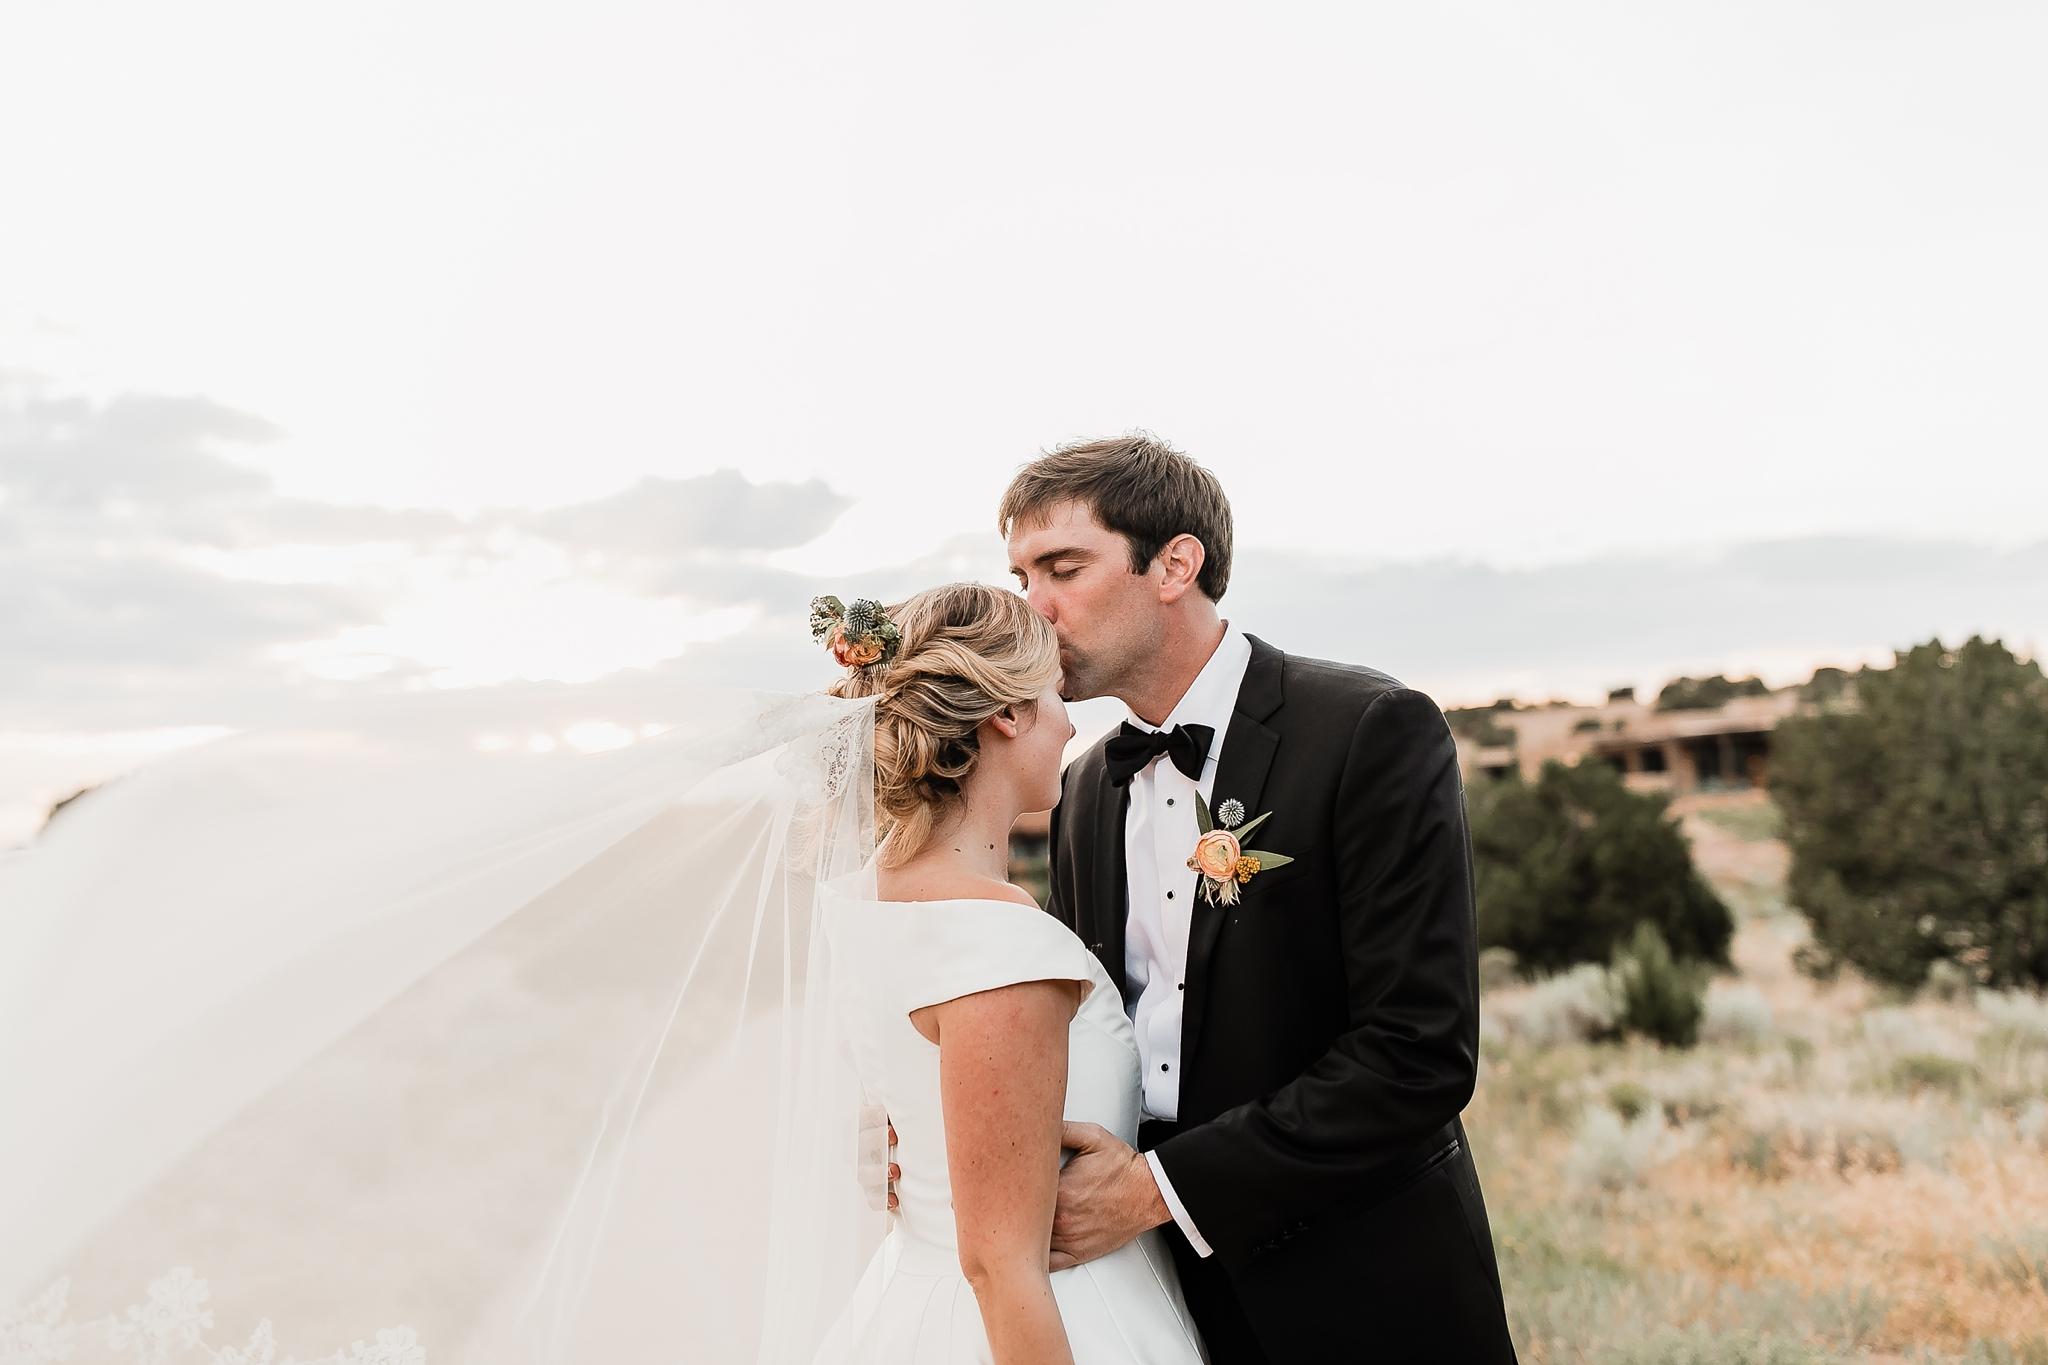 Alicia+lucia+photography+-+albuquerque+wedding+photographer+-+santa+fe+wedding+photography+-+new+mexico+wedding+photographer+-+new+mexico+wedding+-+las+campanas+wedding+-+santa+fe+wedding+-+maximalist+wedding+-+destination+wedding_0106.jpg